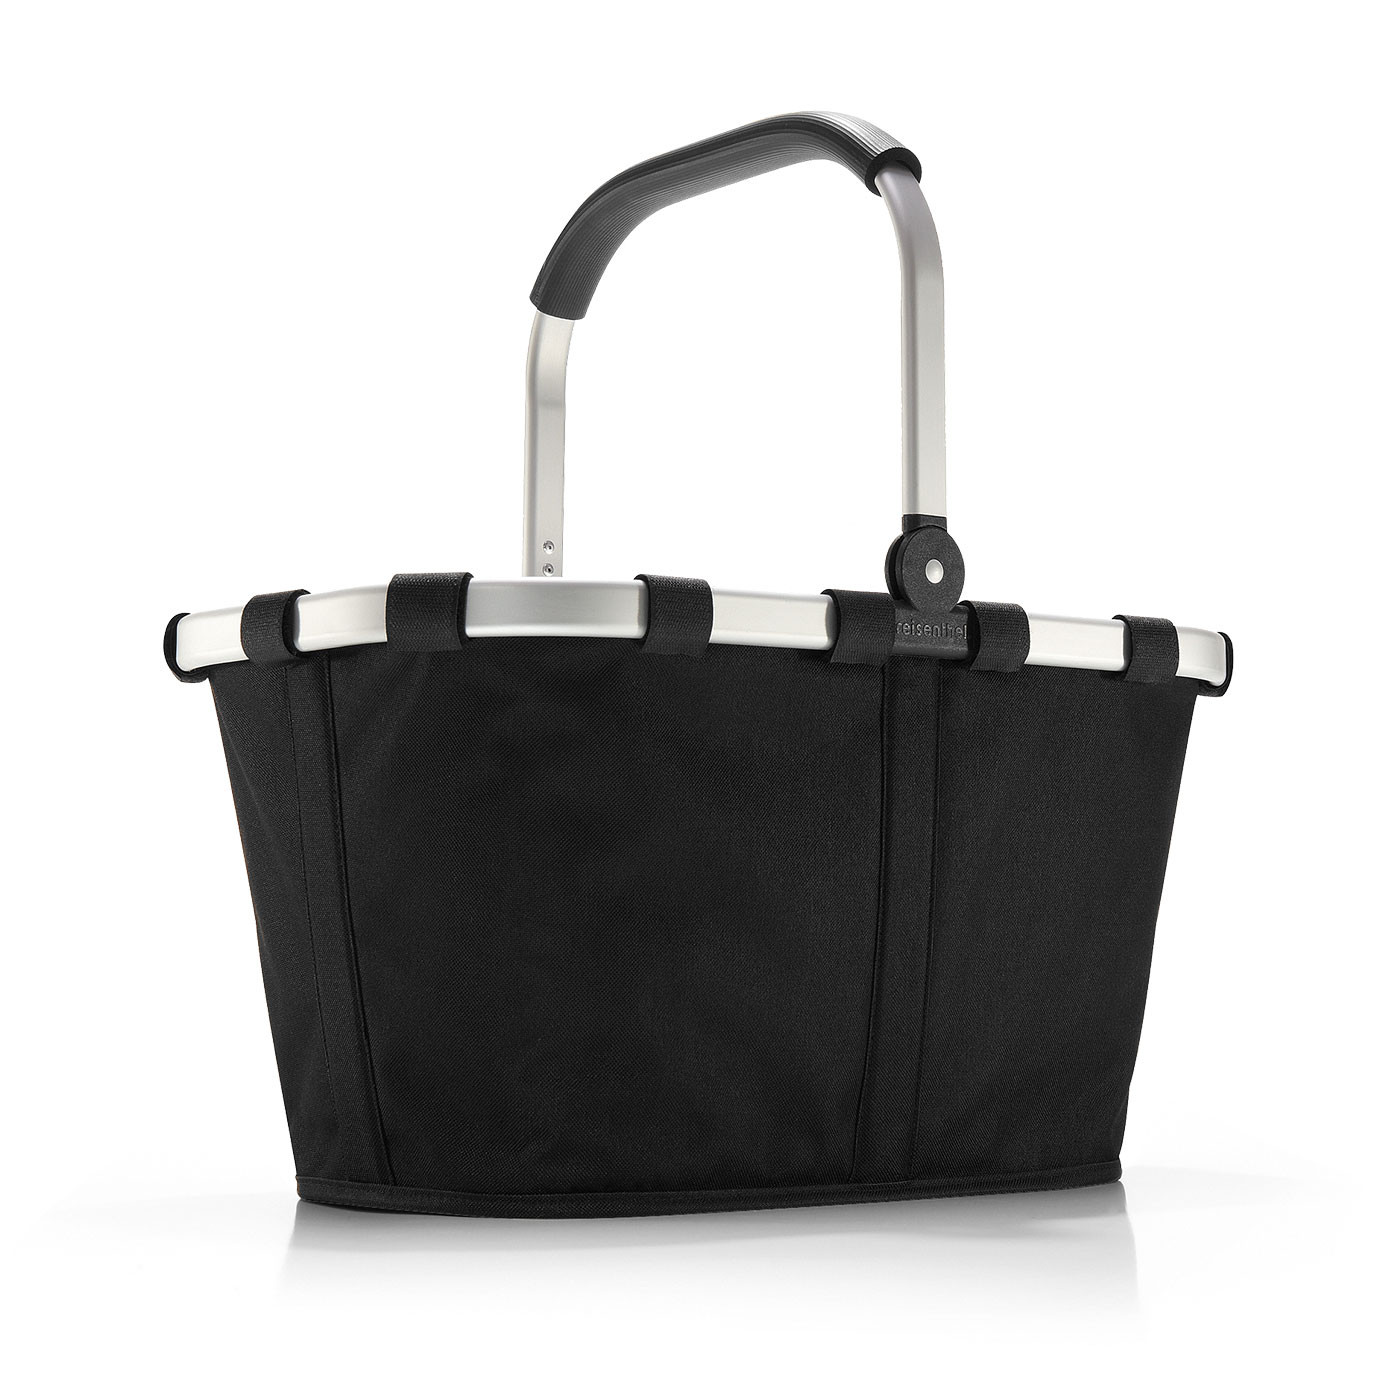 Reisenthel Carrybag black 22 Liter - Allzweck Einkaufskorb